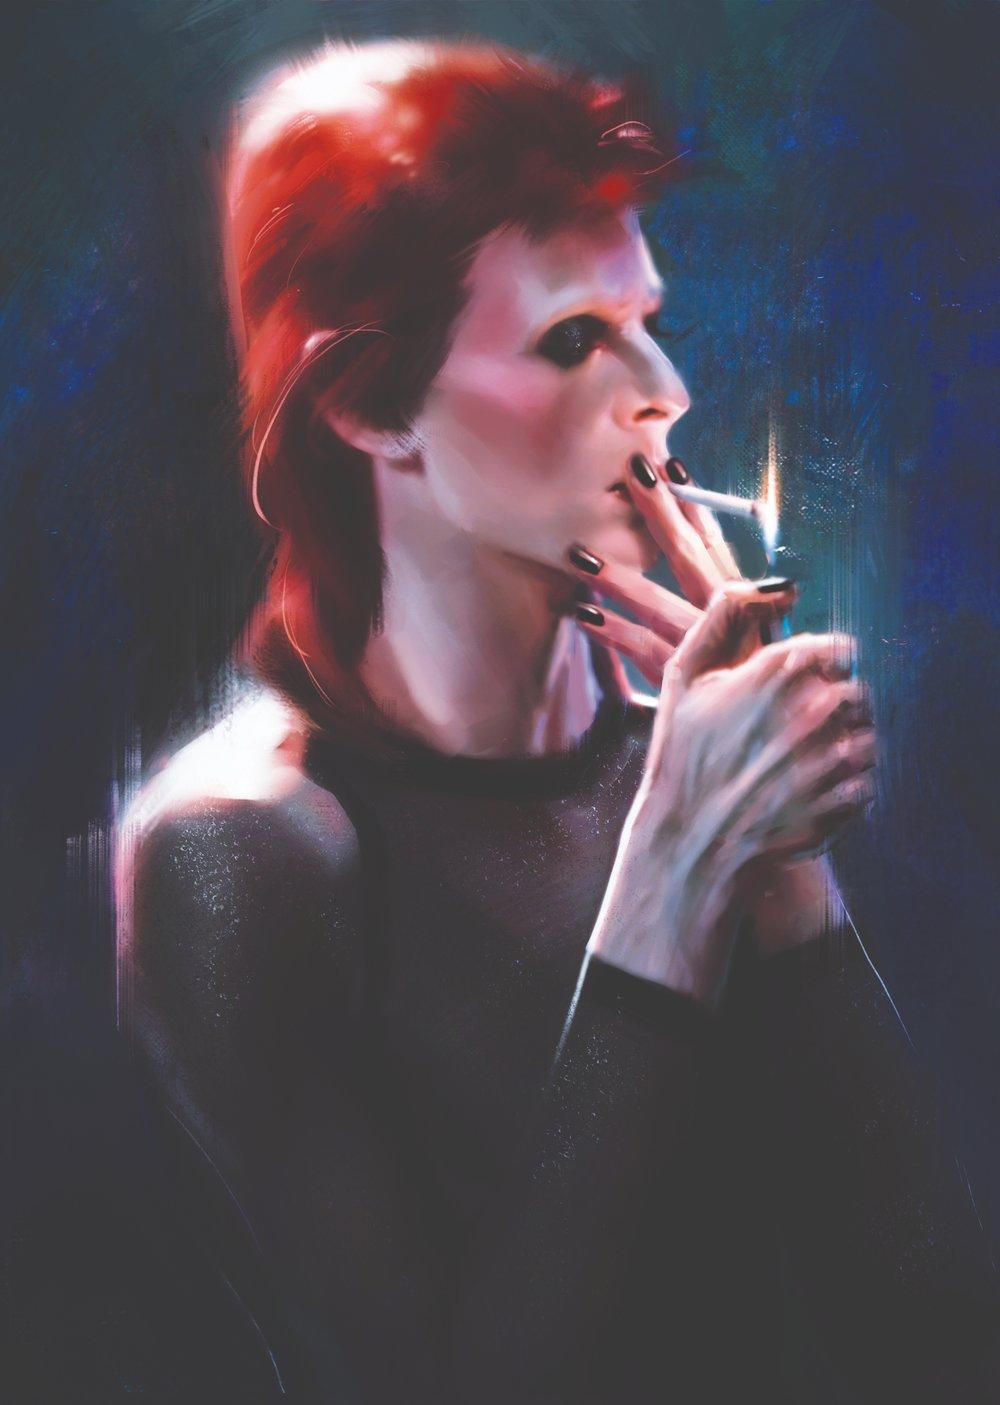 'Cigarette' Art Print by Eftristesse